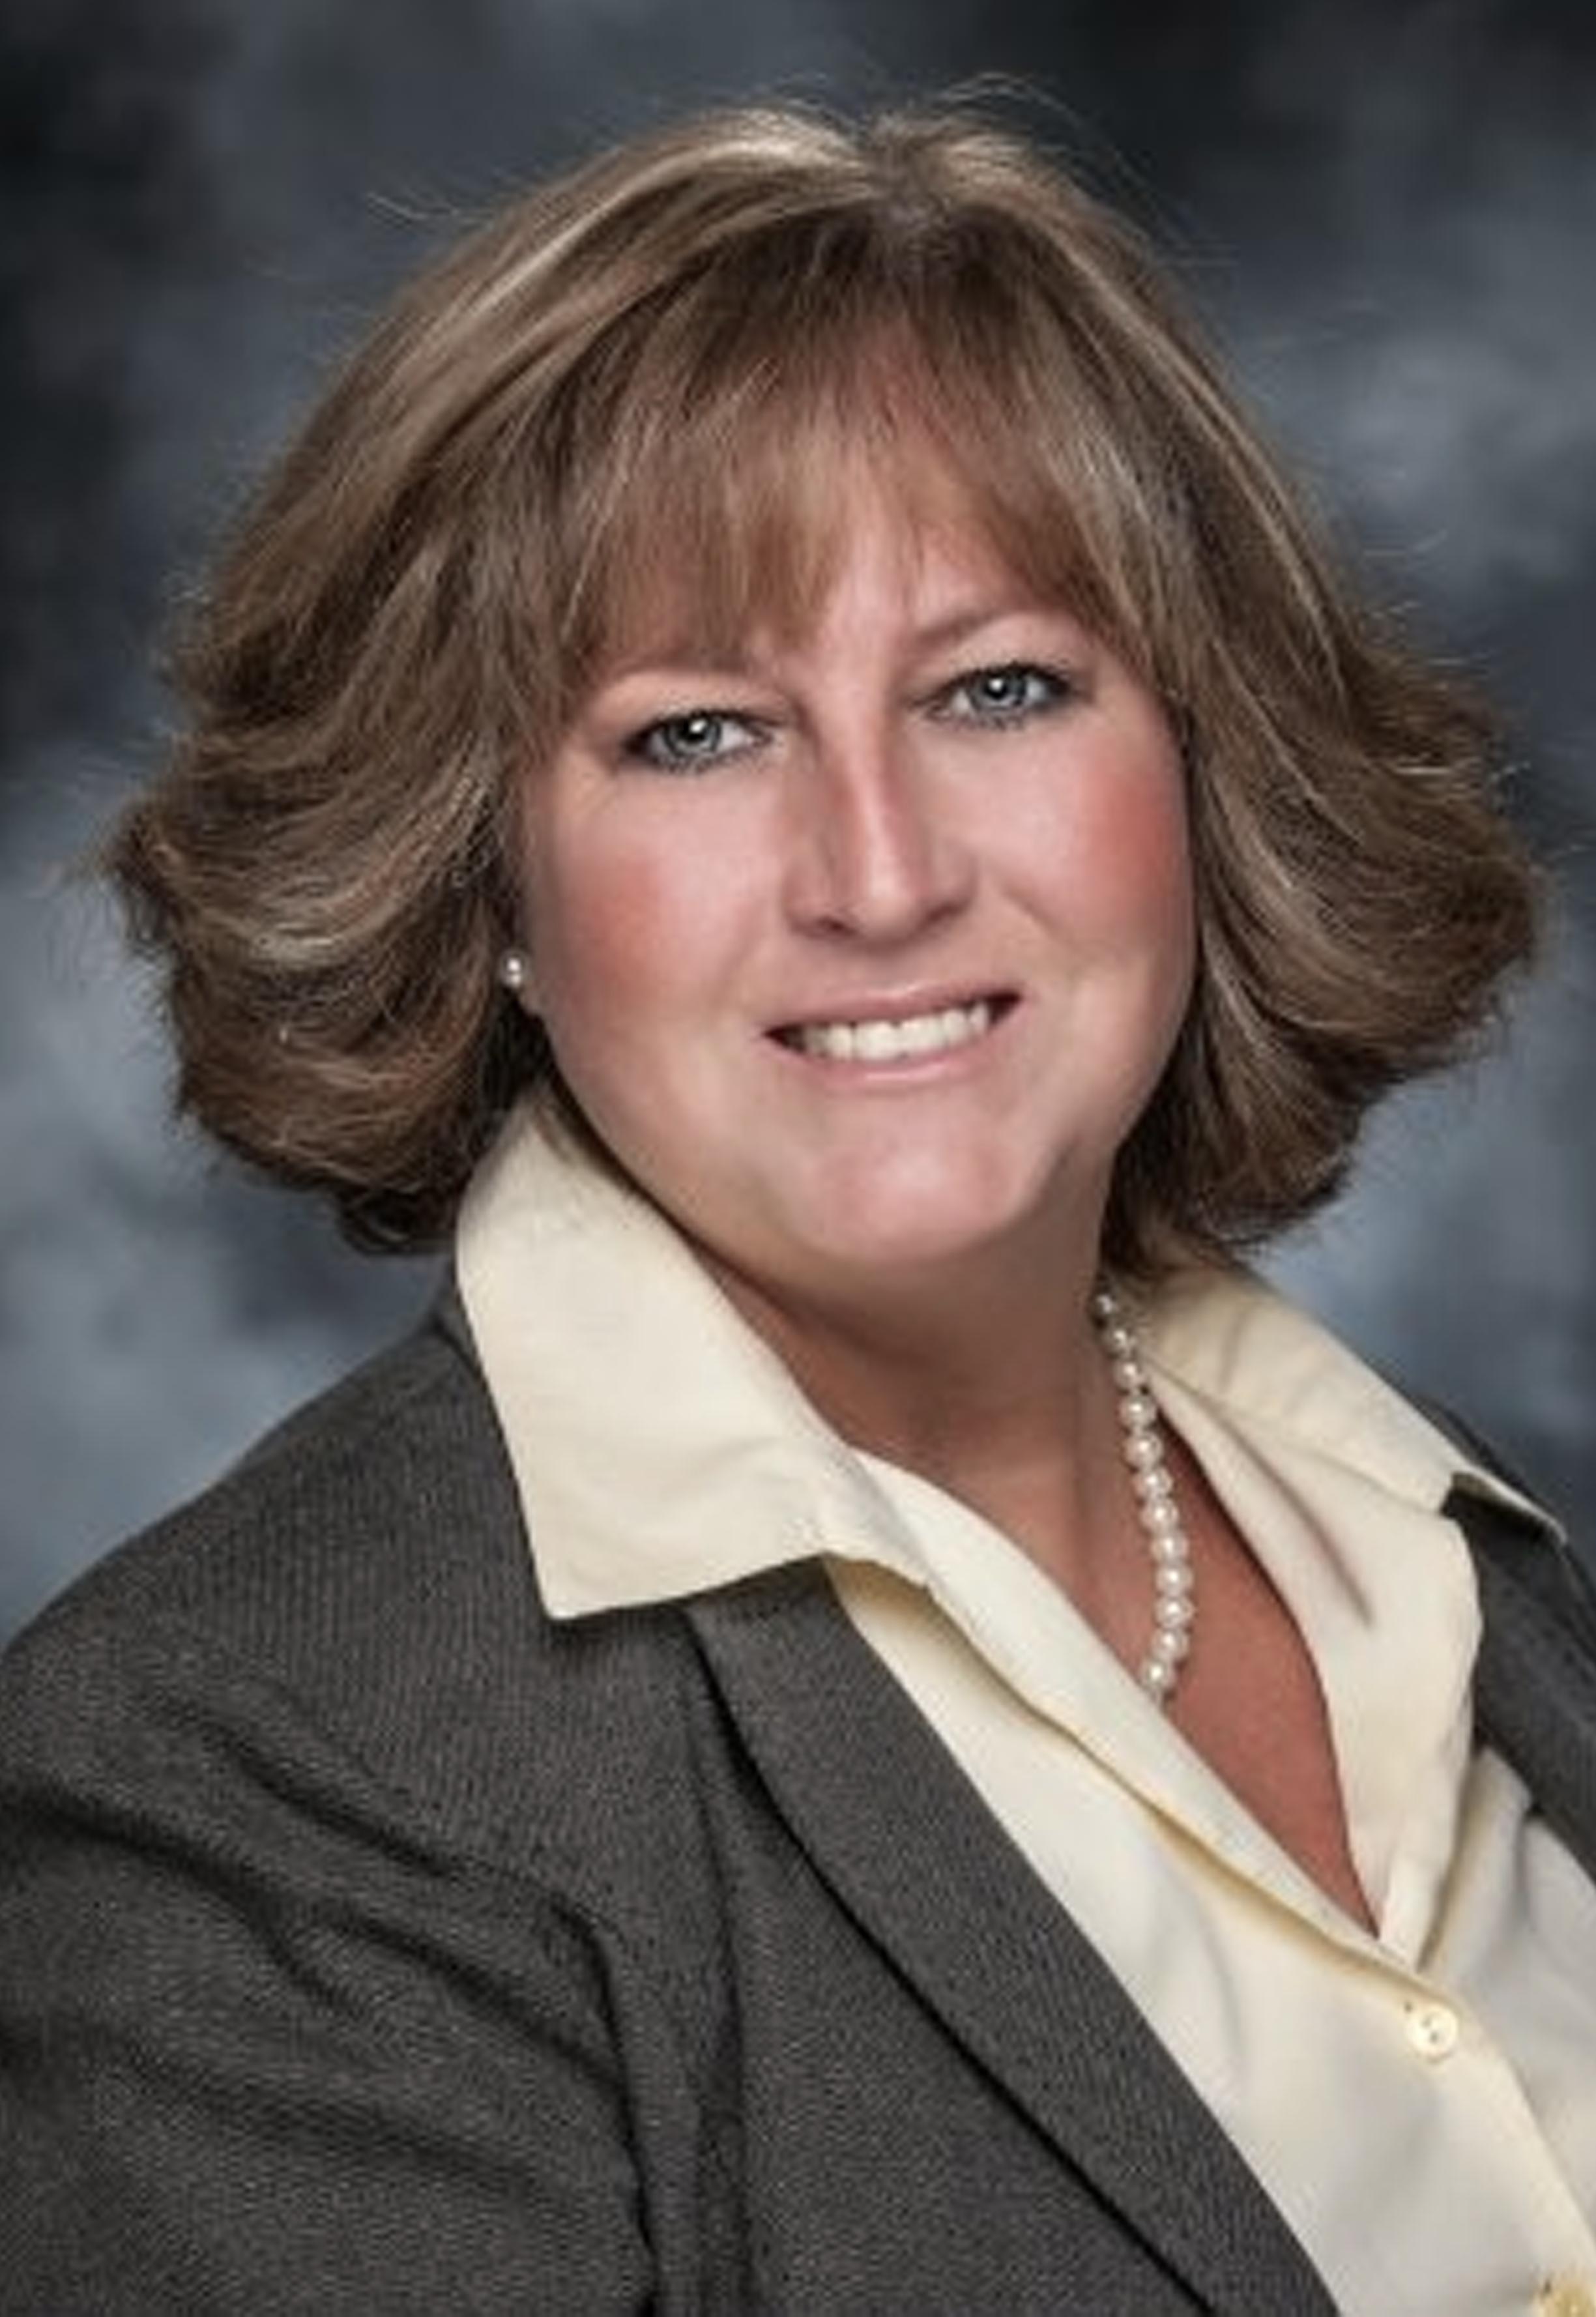 Pam Benner